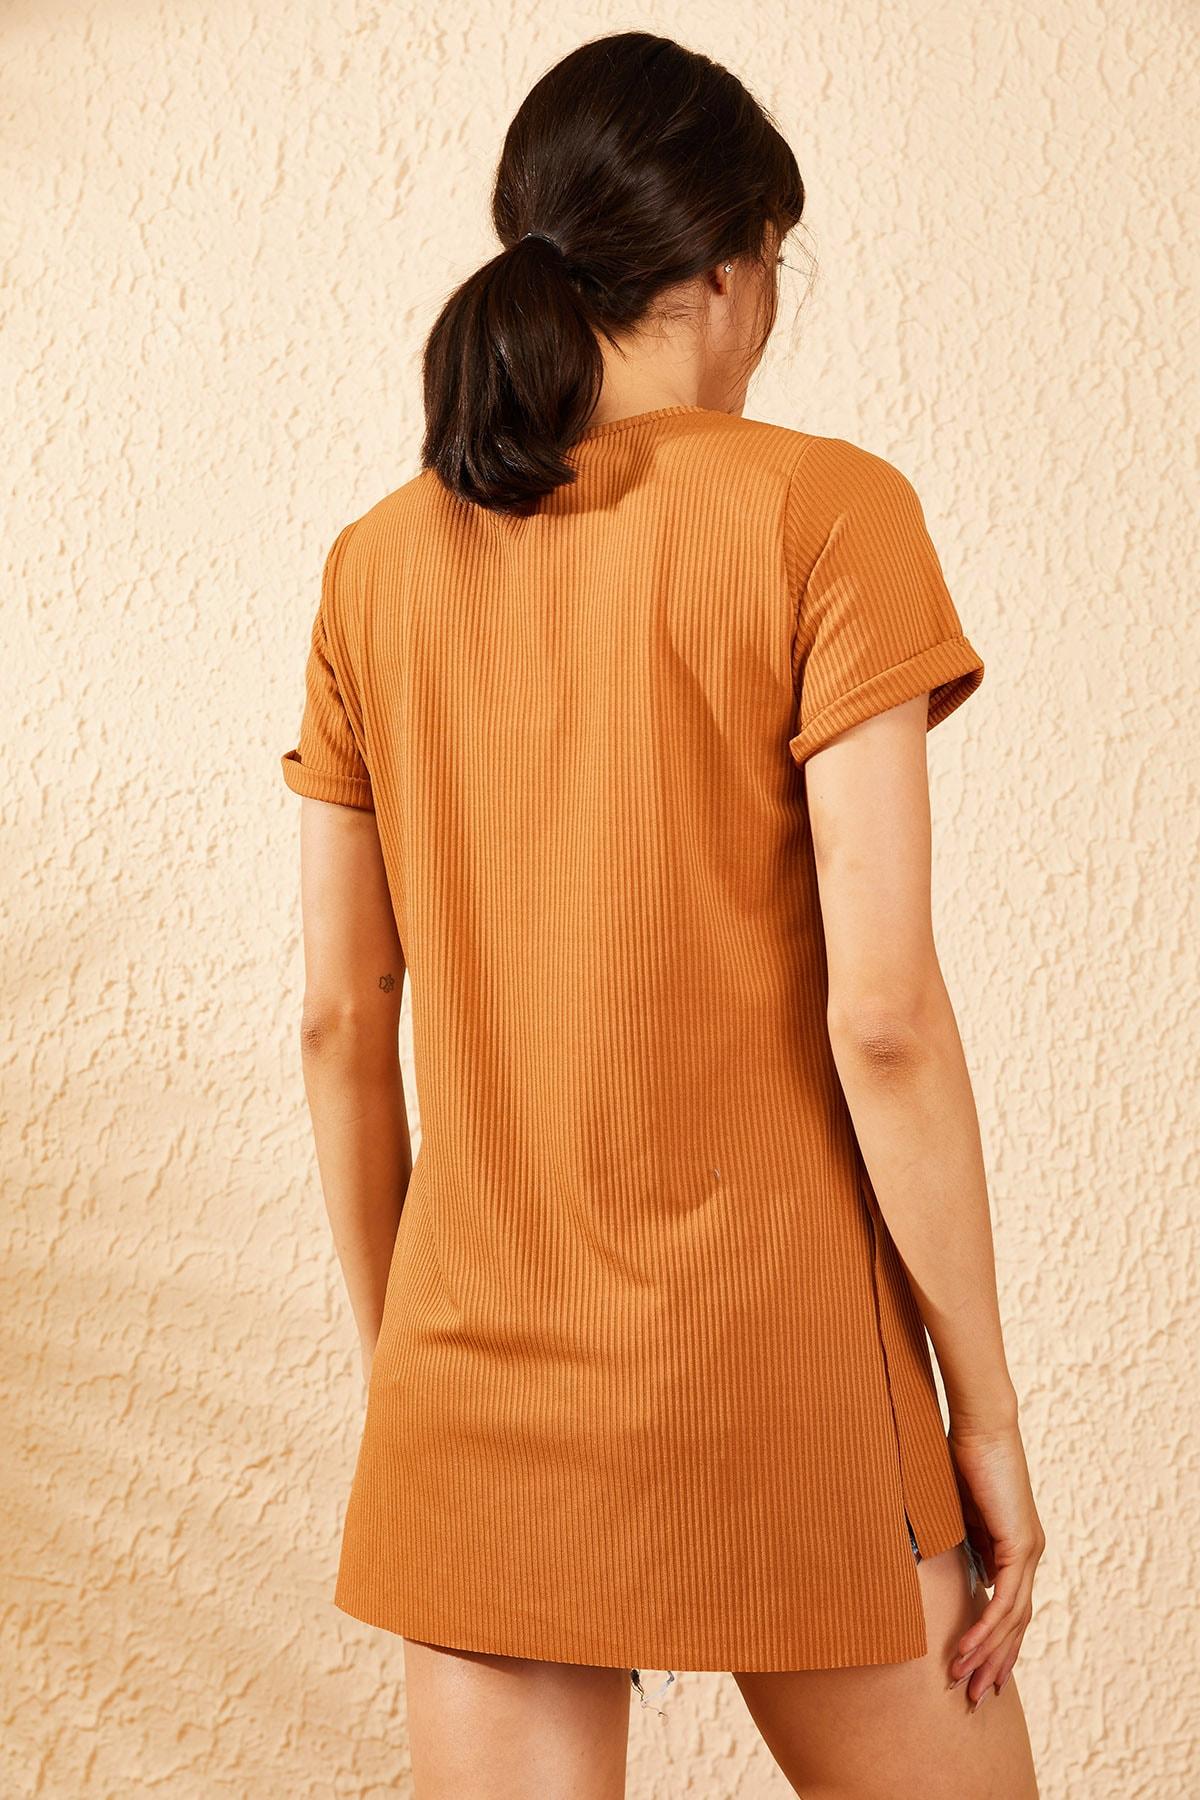 Bianco Lucci Kadın Taba Kol Yan Yırtmaçlı Kol Detay Kaşkorse T-Shirt 10051012 4